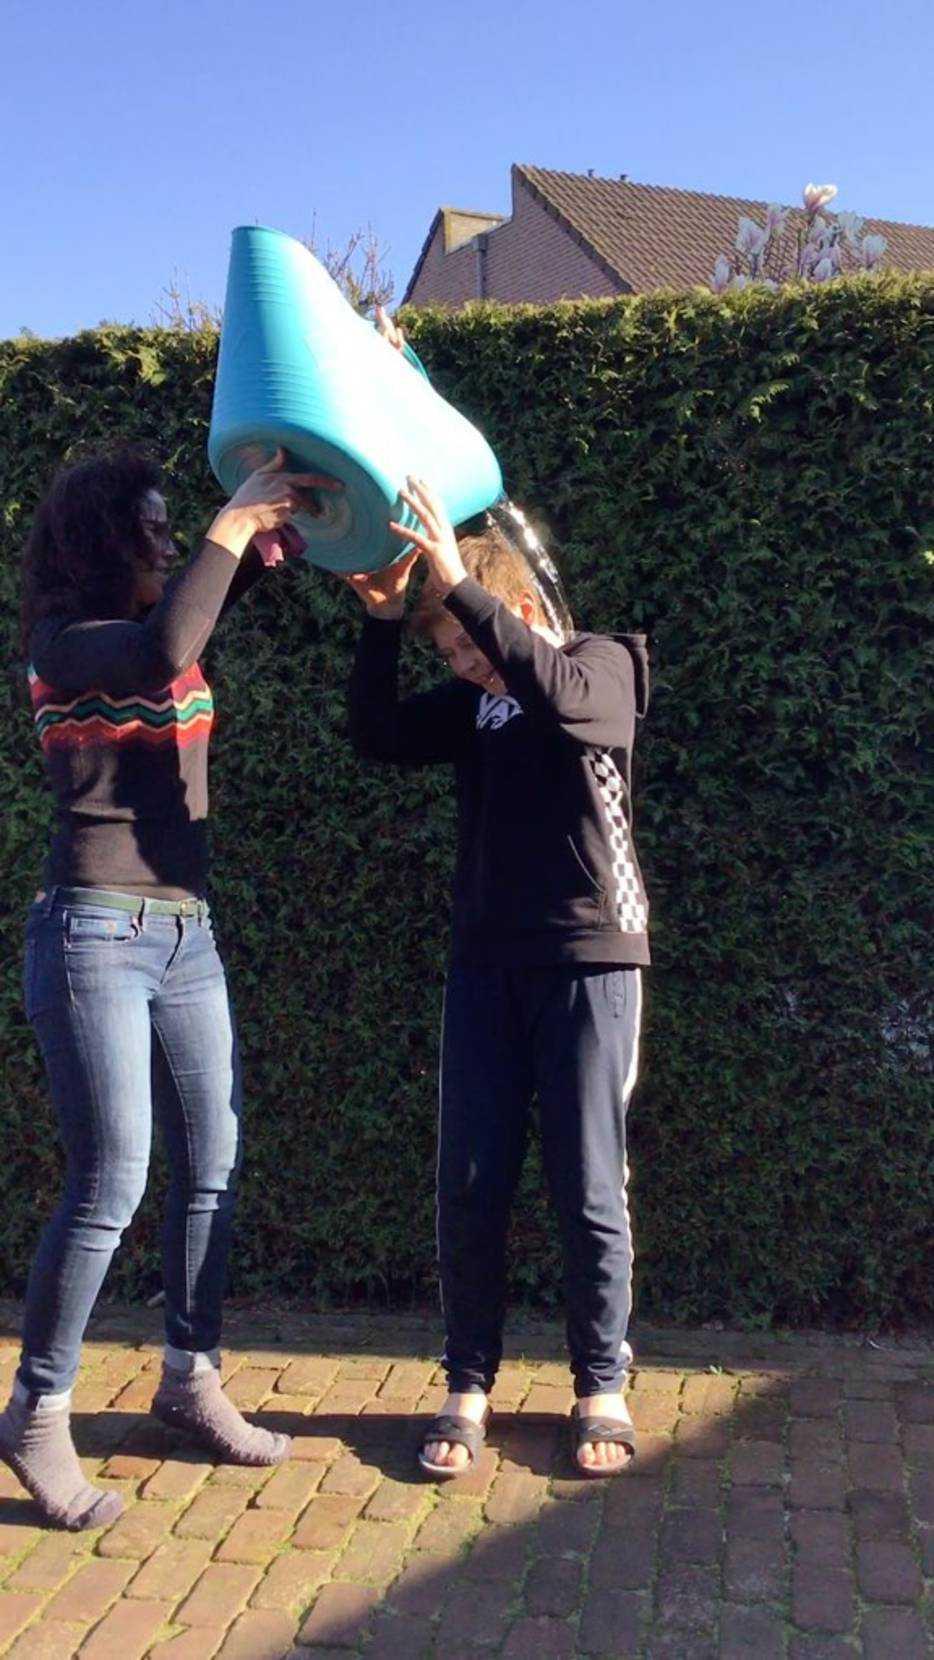 Uitjesbazen spel emmer water tijdens corona